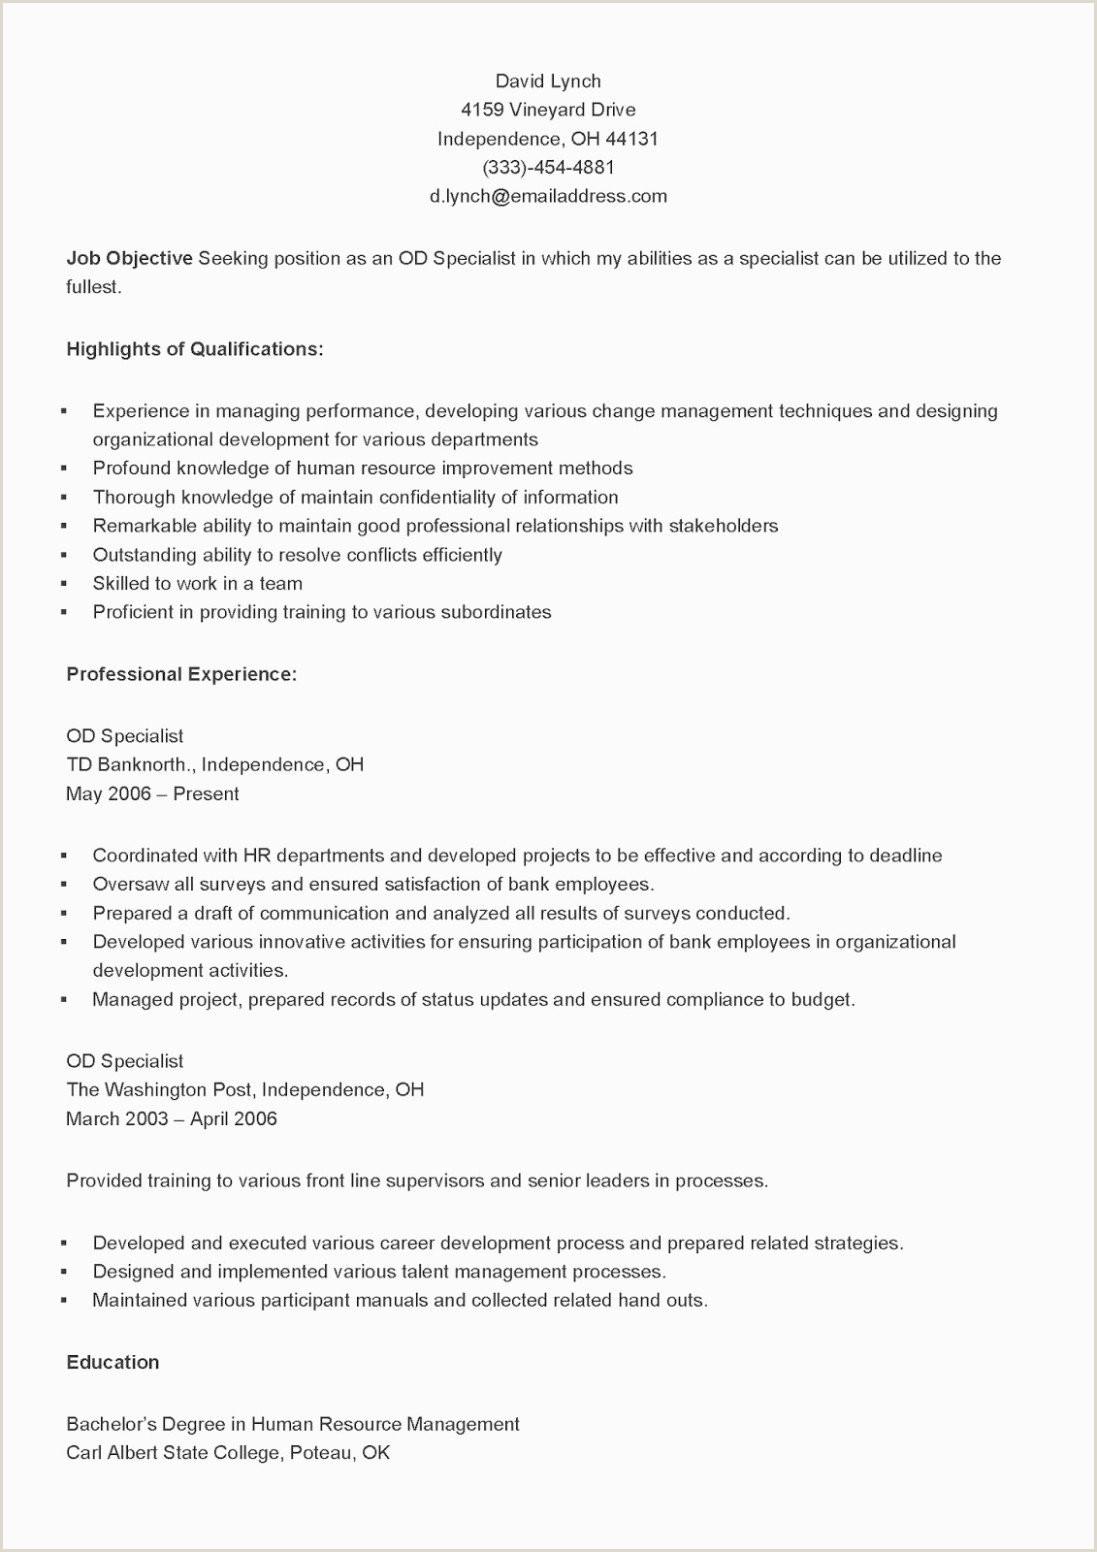 Resume Format For Hr Job Data Analyst Resume Samples Lovely 10 Entry Level Data